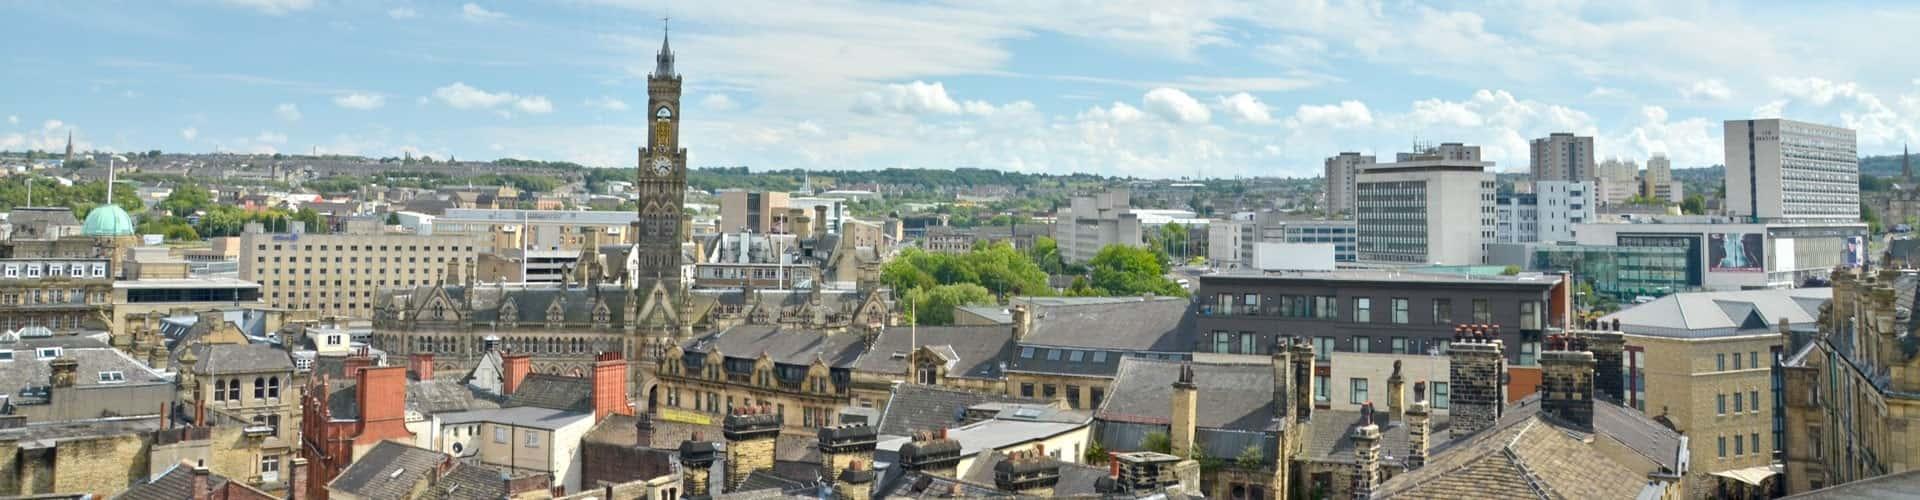 Student Accommodation Bradford